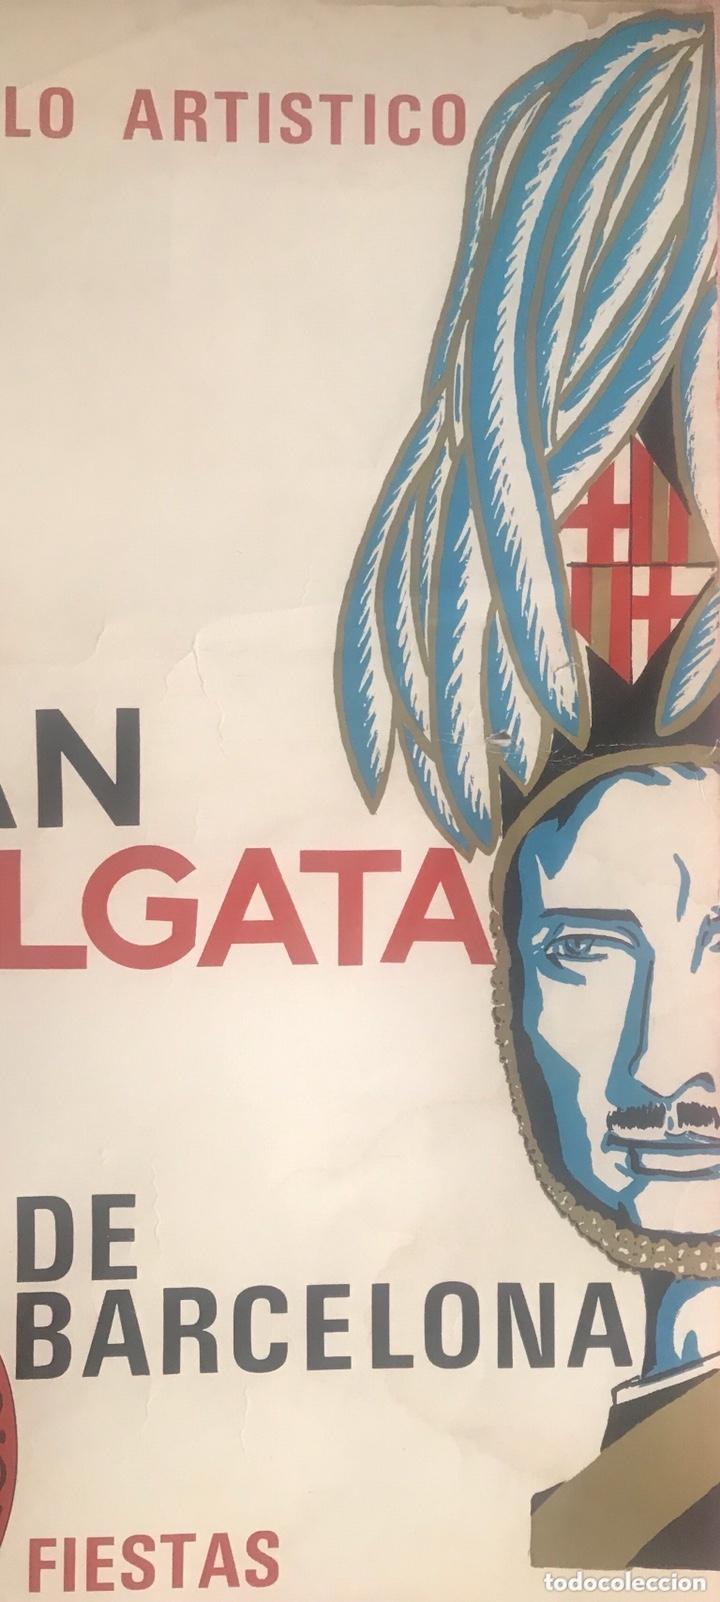 Carteles Feria: CARTEL PUBLICIDAD BARCELONA FIESTAS MERCÉ 1970 XII GRAN CABALGATA GUARDIA URBANA CIRCULO ARTISTICO - Foto 3 - 172669354